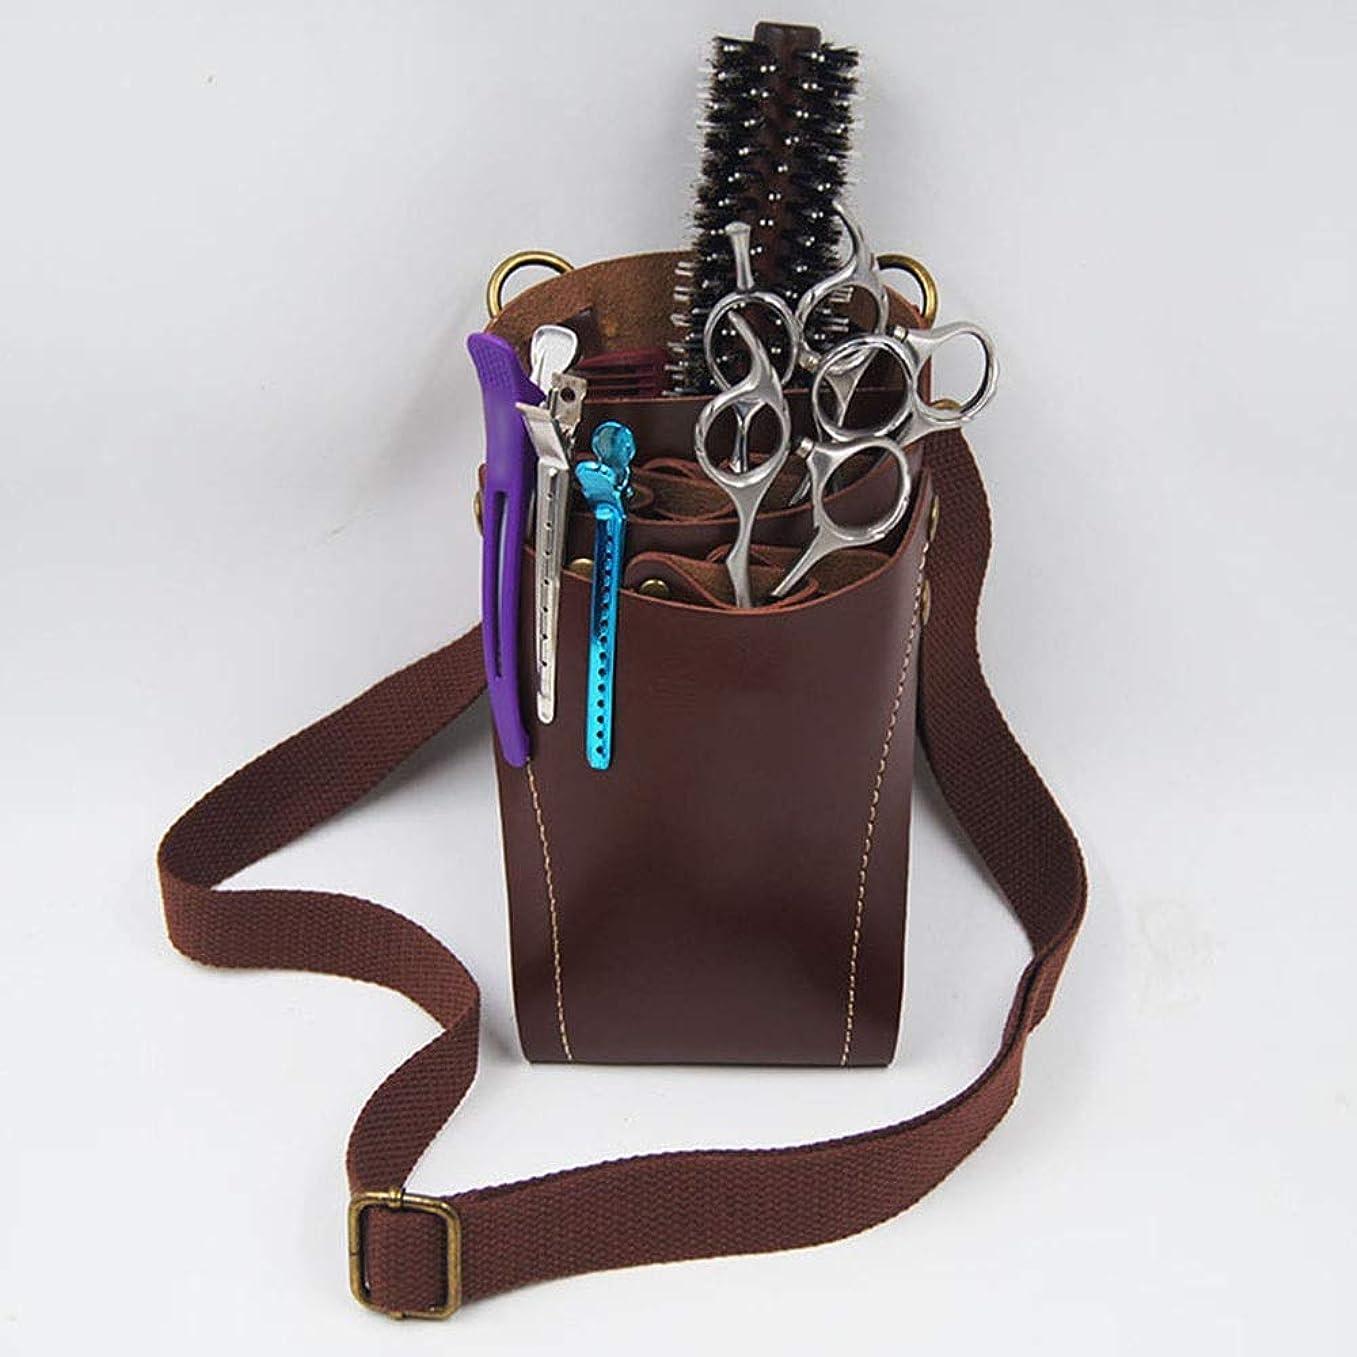 圧力葉っぱやろうウエストショルダーベルトリベットクリップバッグすべての革床屋はさみ理髪ホルスターポーチに最適 ヘアケア (色 : ブラウン)